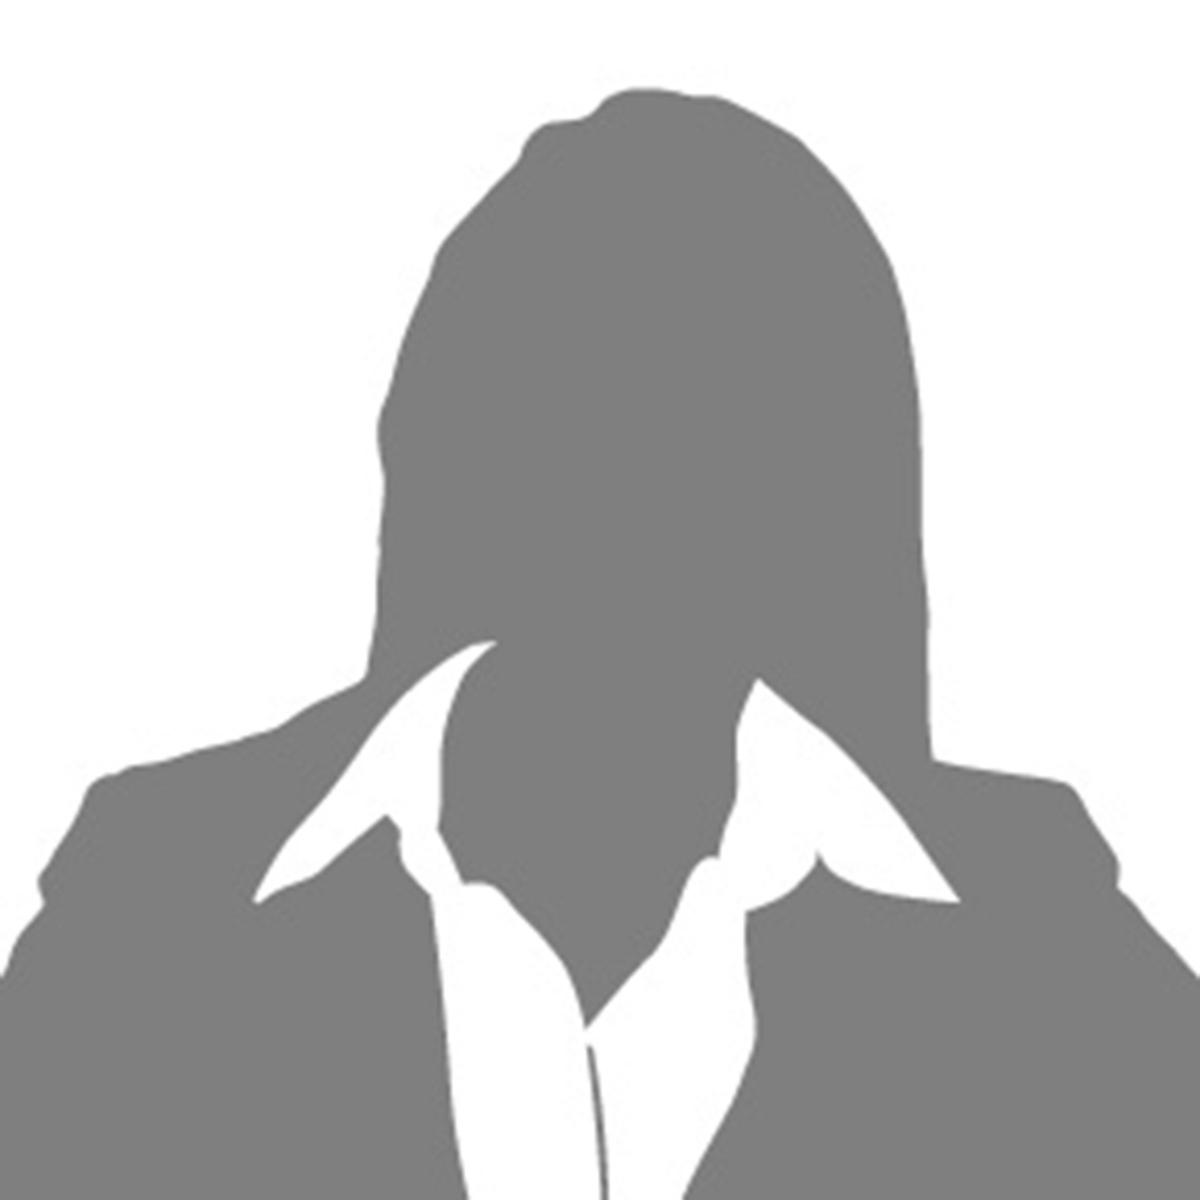 profile picture of Cassie Kiihne.